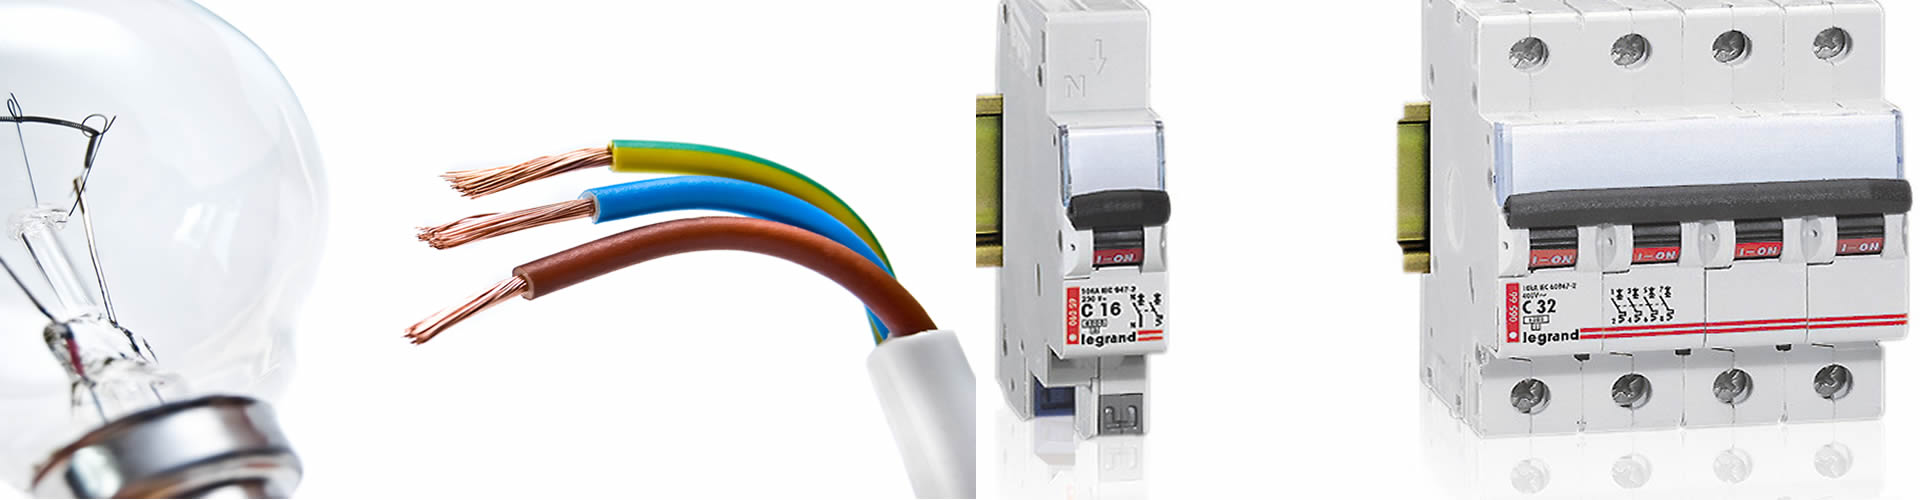 a9q11225 : Ce que je peux vous recommander pour les gros travaux d'électricité à la maison